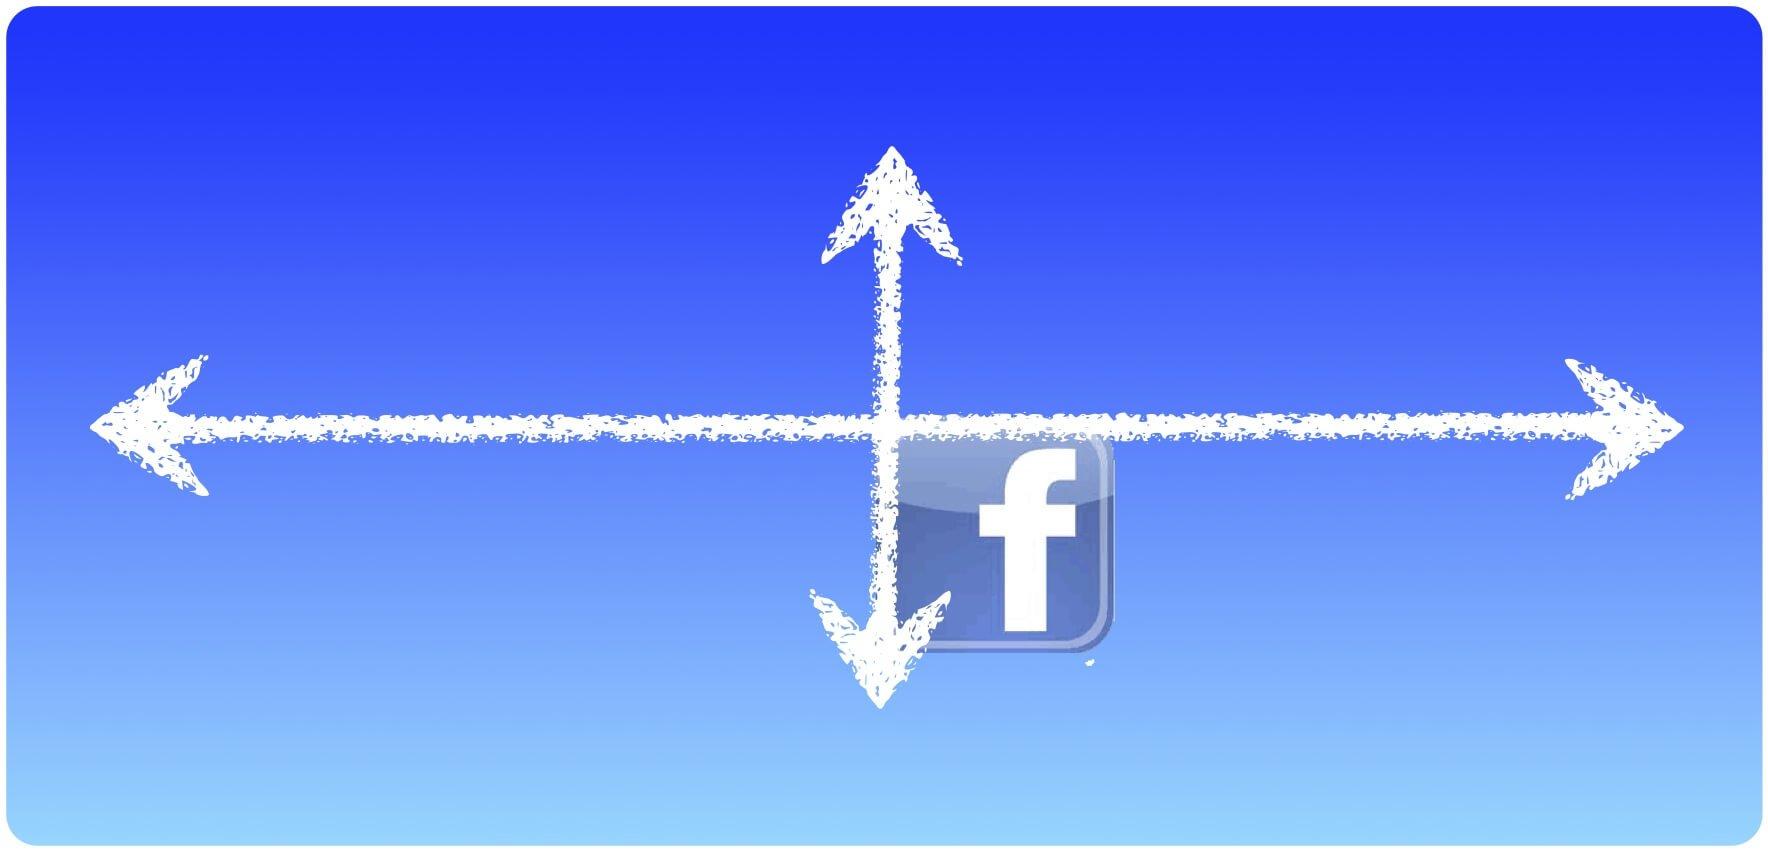 Dimensioni immagini su Facebook